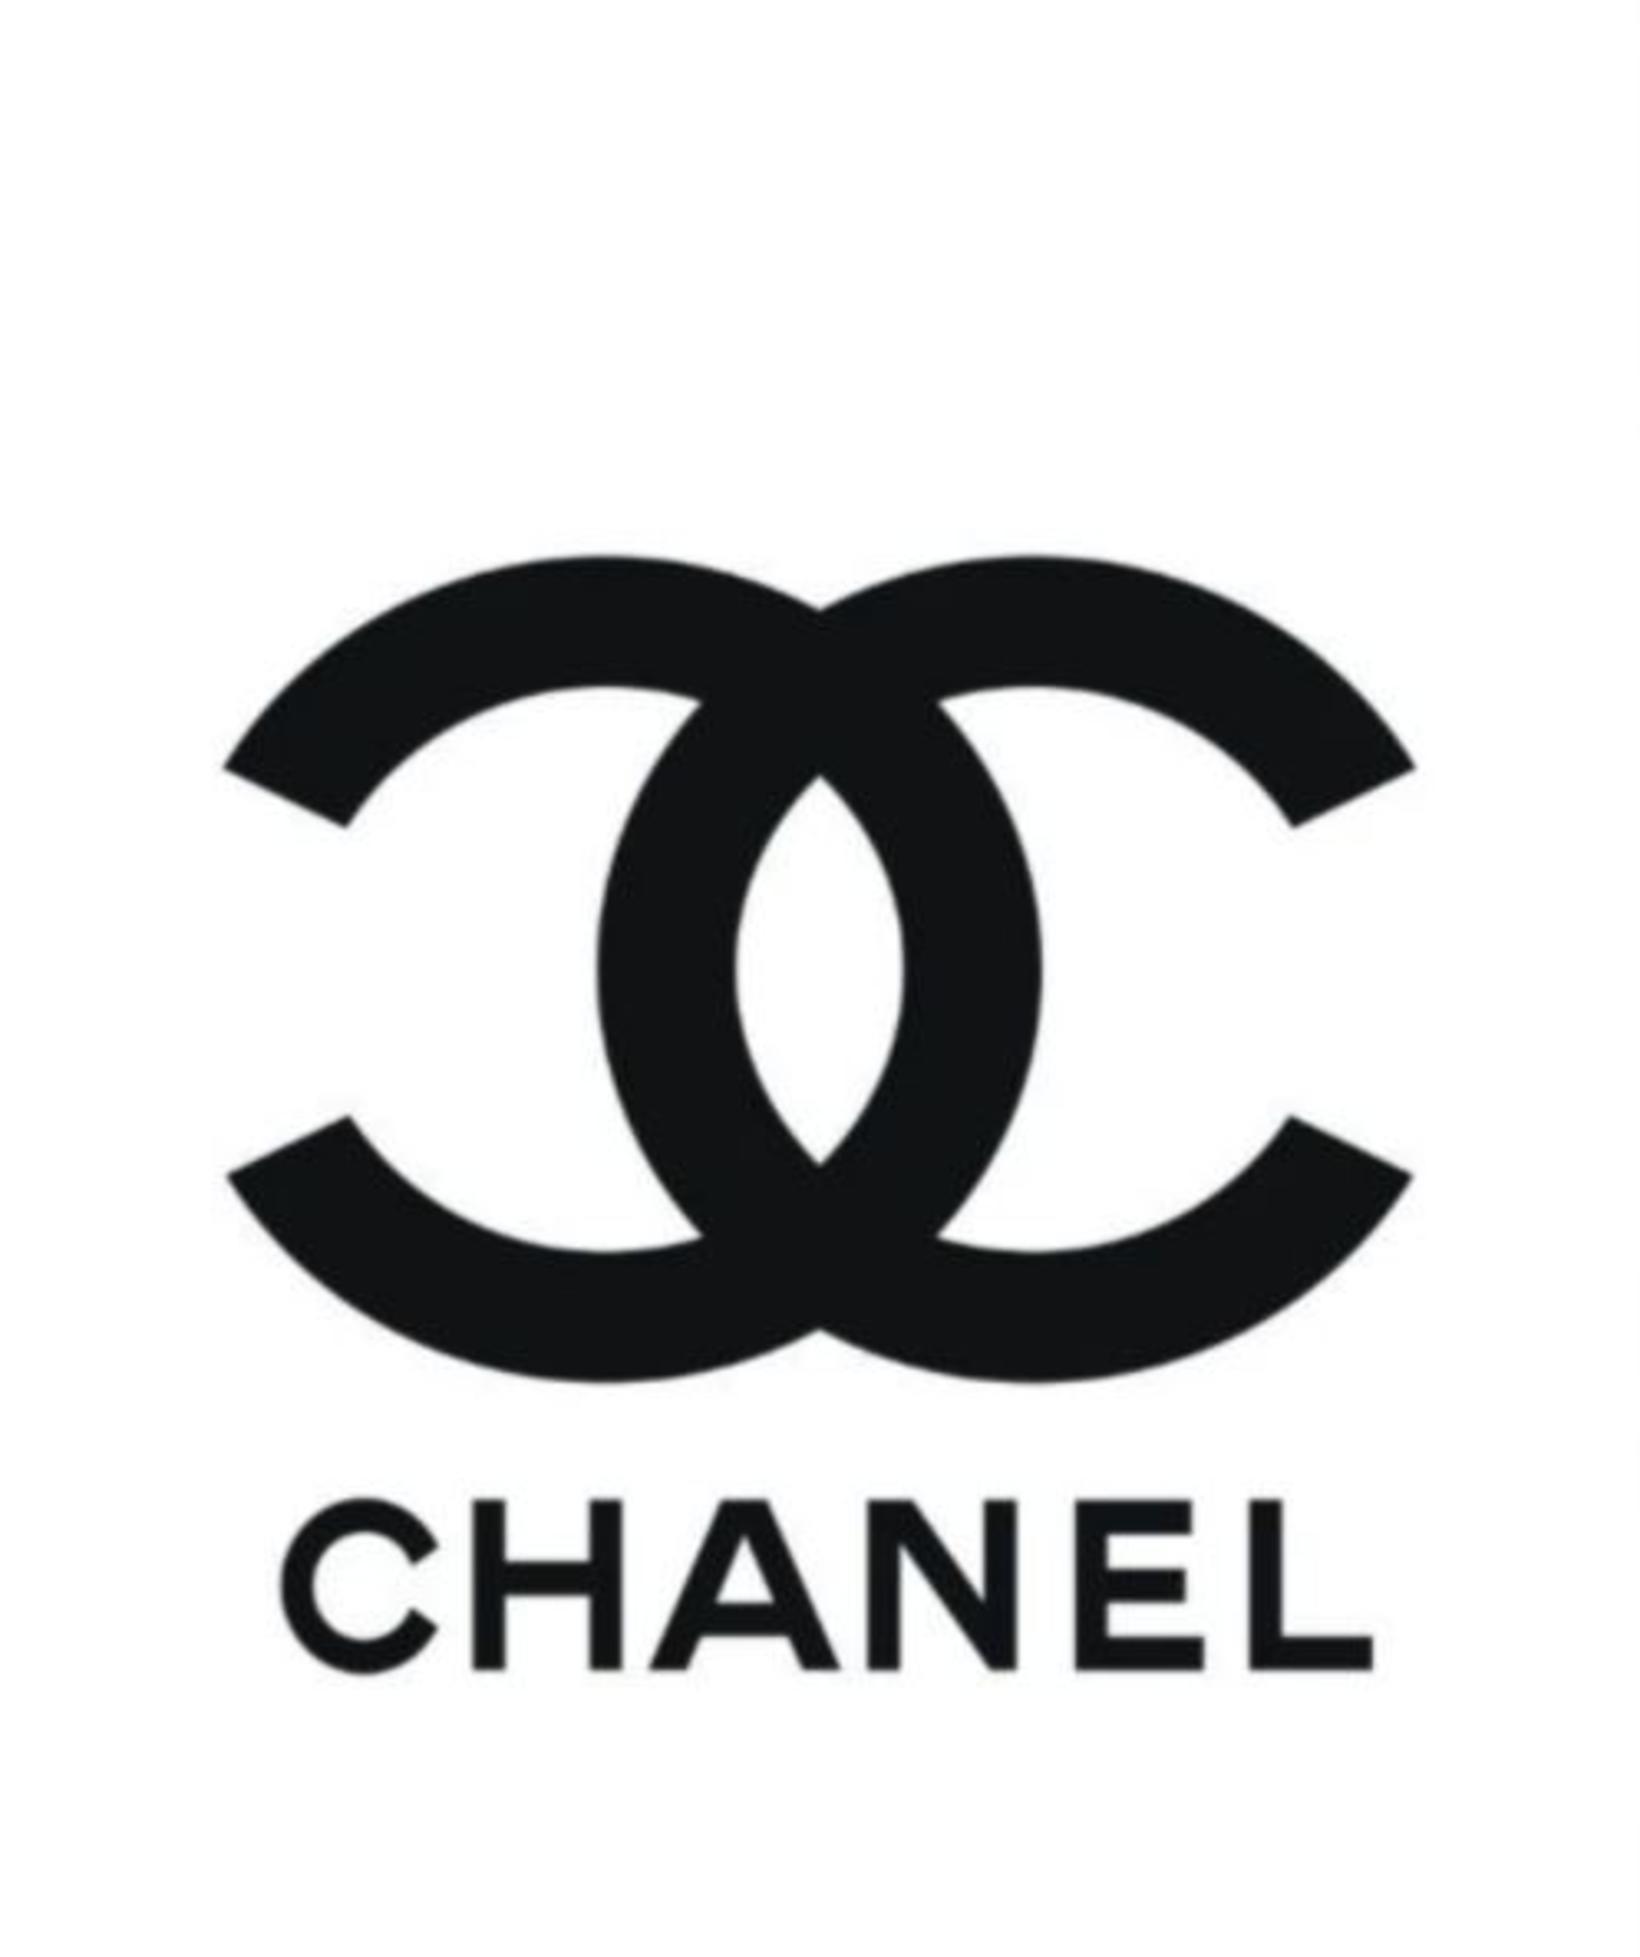 Chanel-merkið stendur fyrir Coco Chanel en minnti Díönu á nöfn …